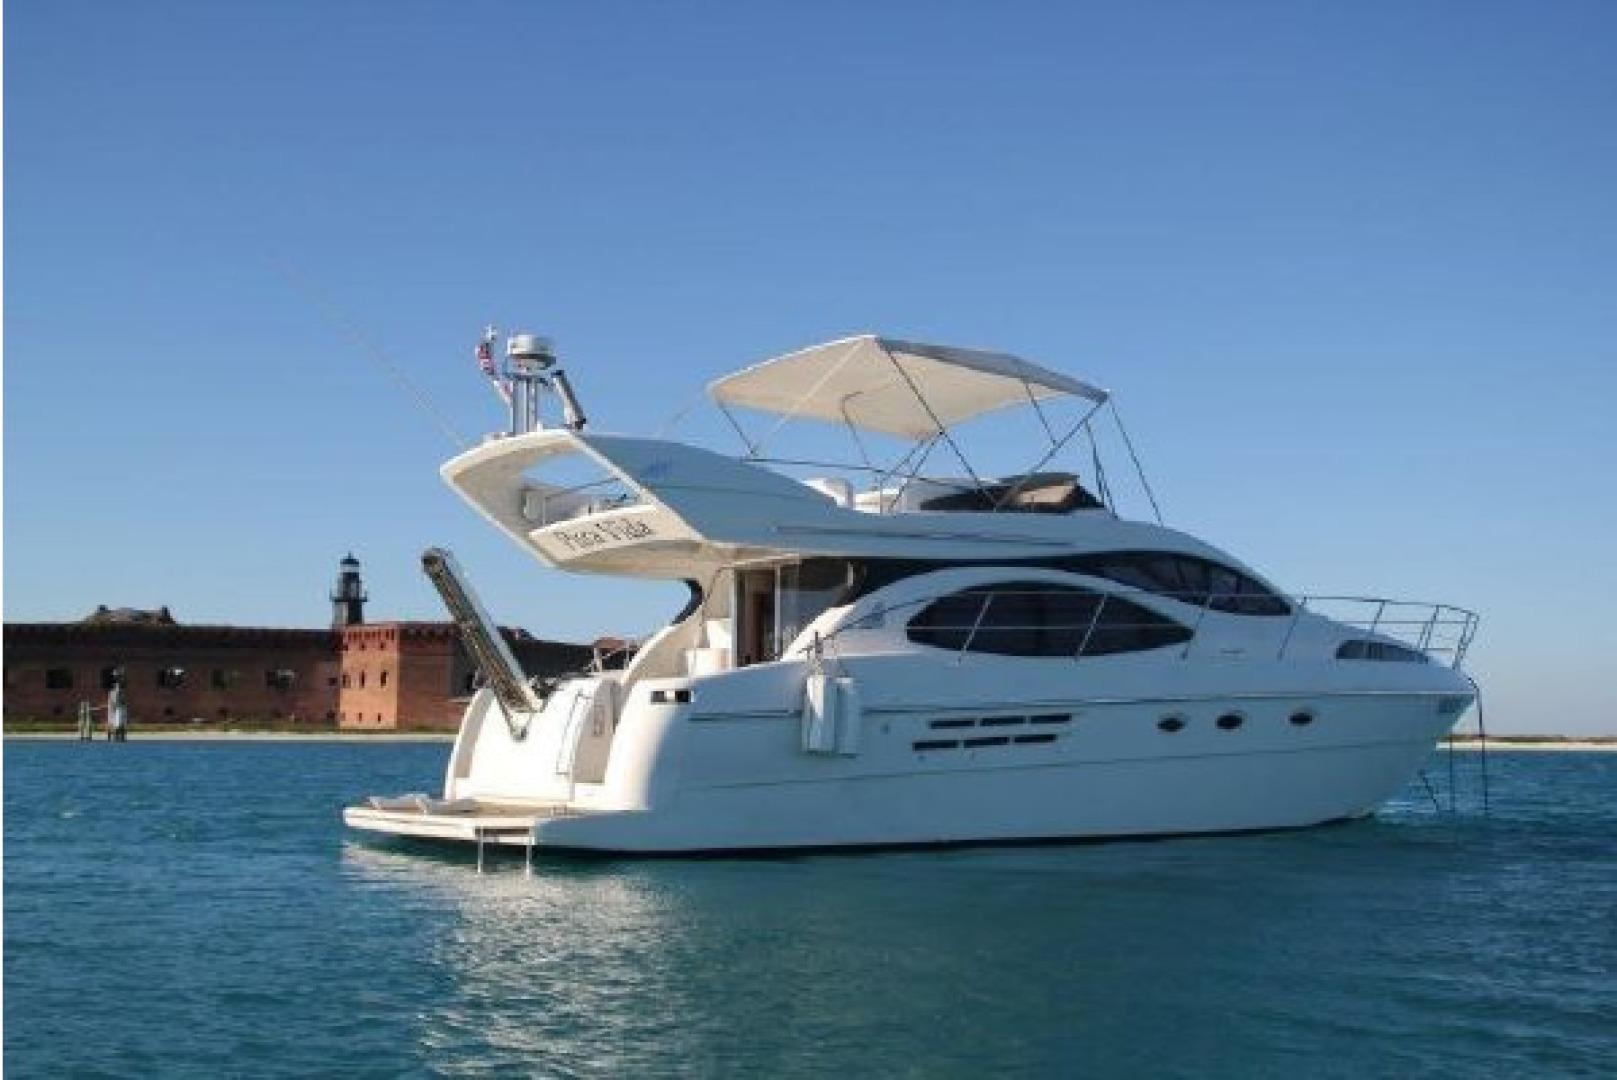 Azimut-Flybridge Motor Yacht 2000 -Boca Raton-Florida-United States-1564018 | Thumbnail